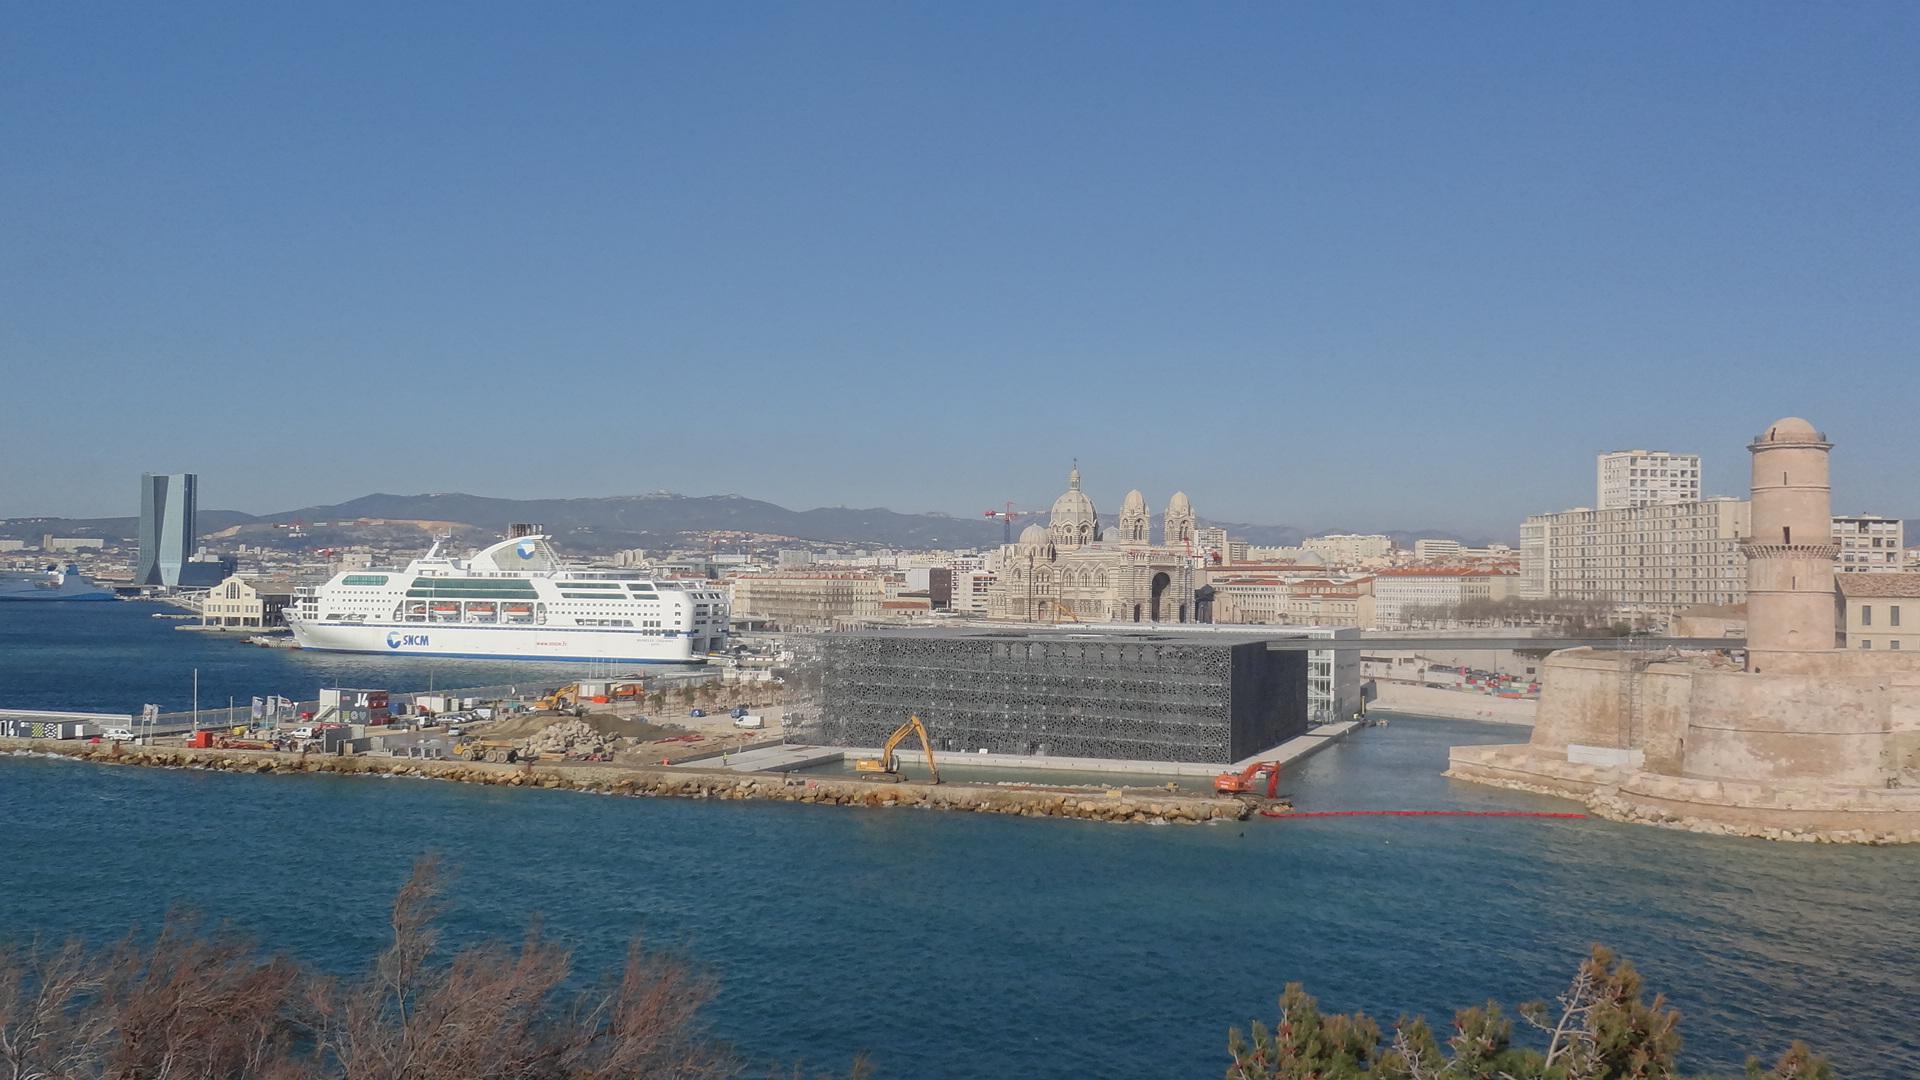 Marseille capitale europ enne de la culture 2013 north by southwest - Nouveau musee a marseille ...